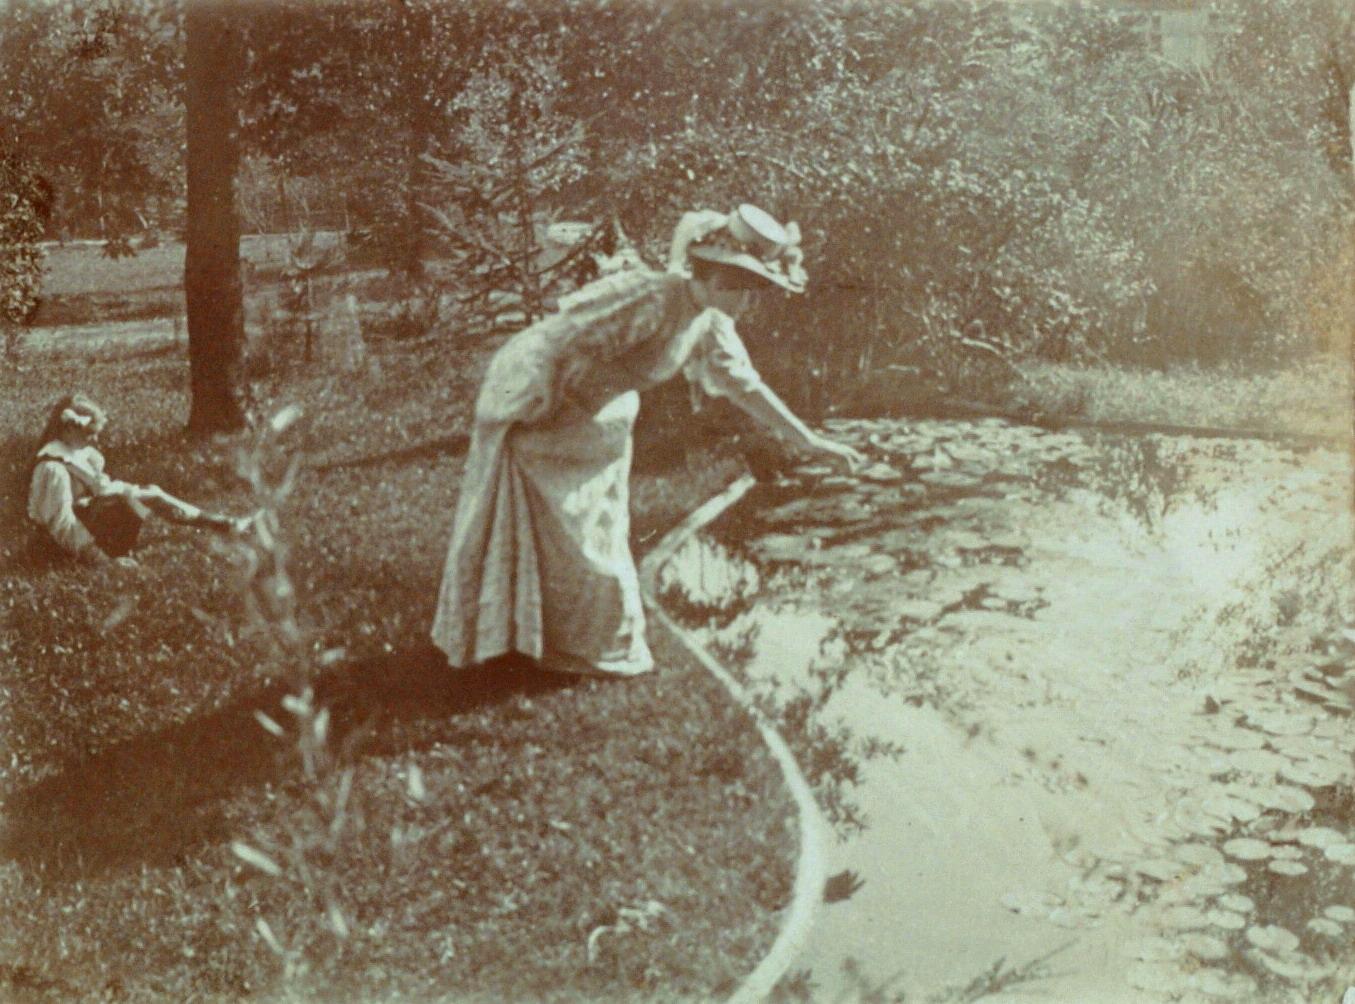 Contenu du Jane Majorelle devant une pièce d'eau dans le jardin de la Villa Majorelle